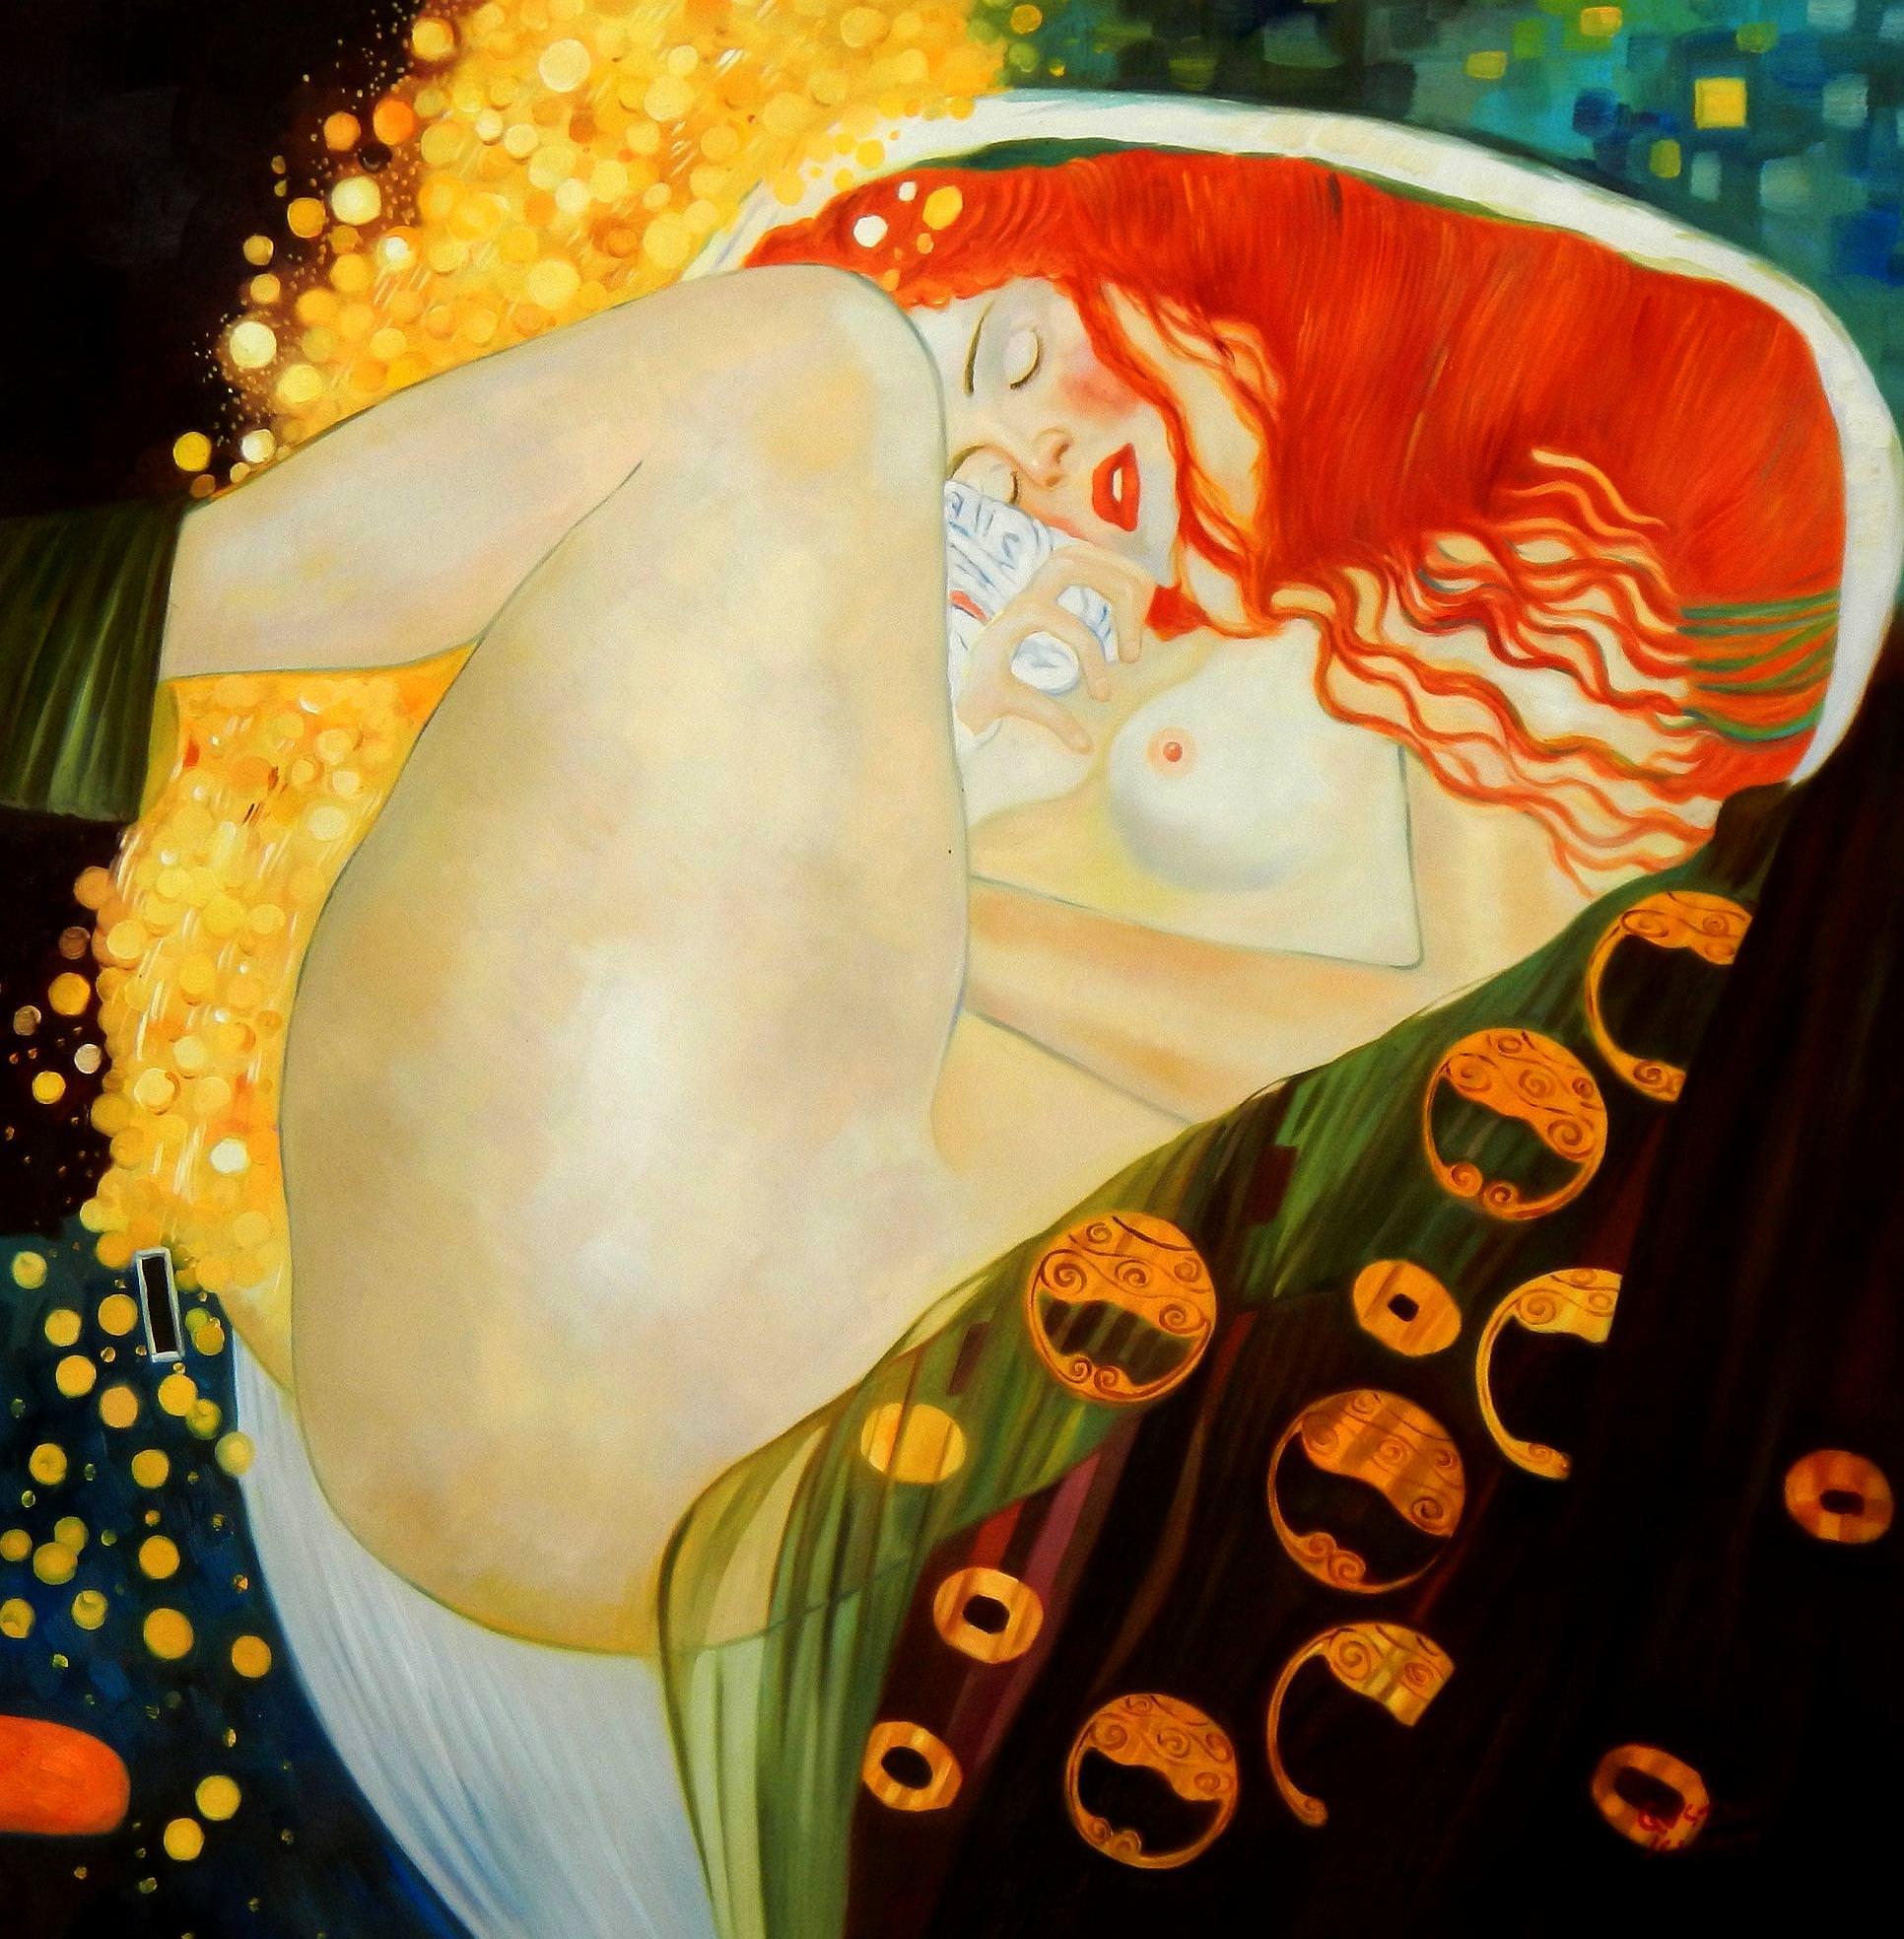 Gustav Klimt - Danae m94077 120x120cm exquisites Ölgemälde